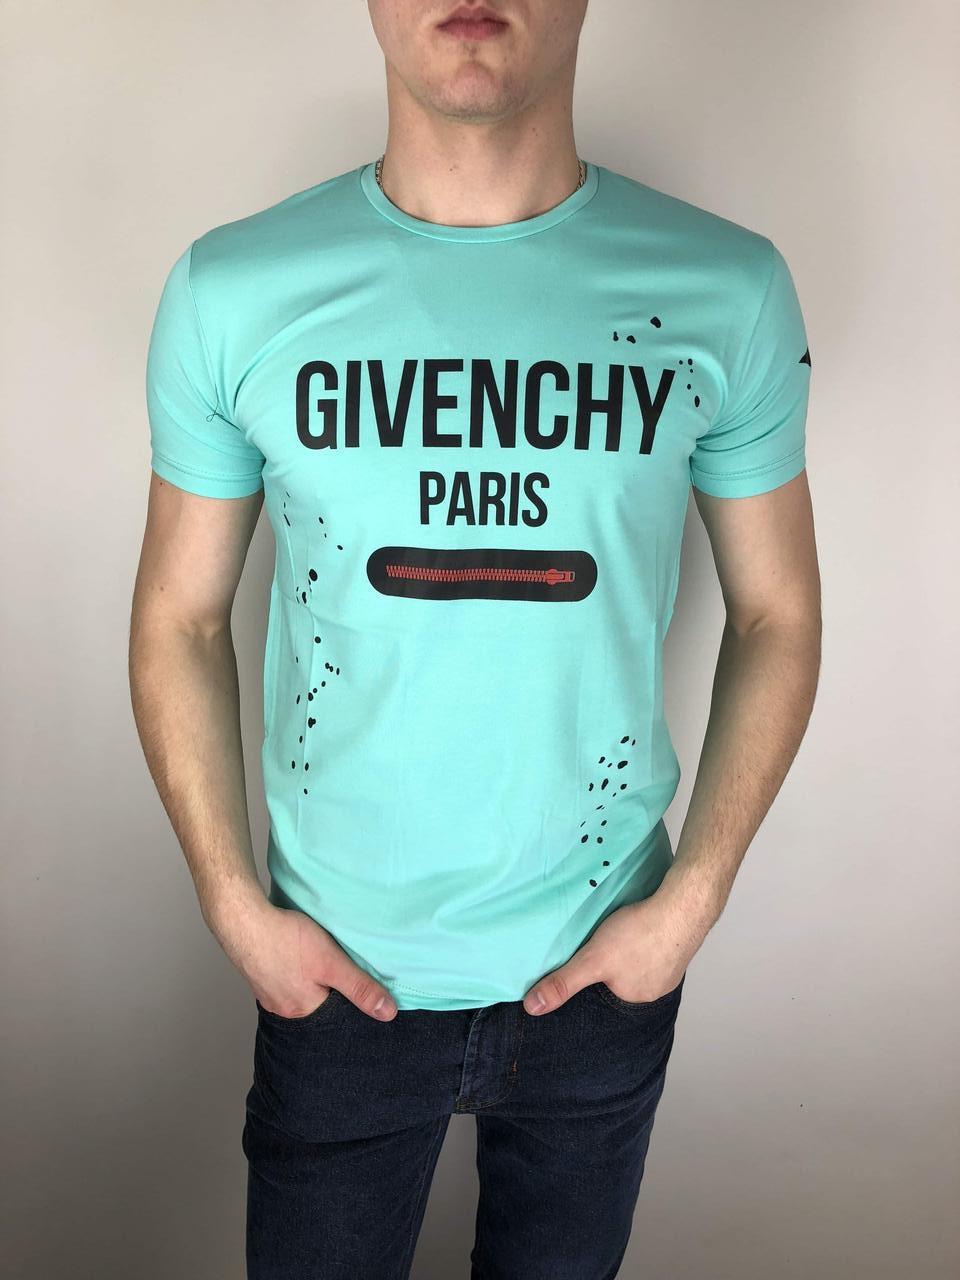 Недорогая Футболка Givenchy Купить Оптом 7 км Турция